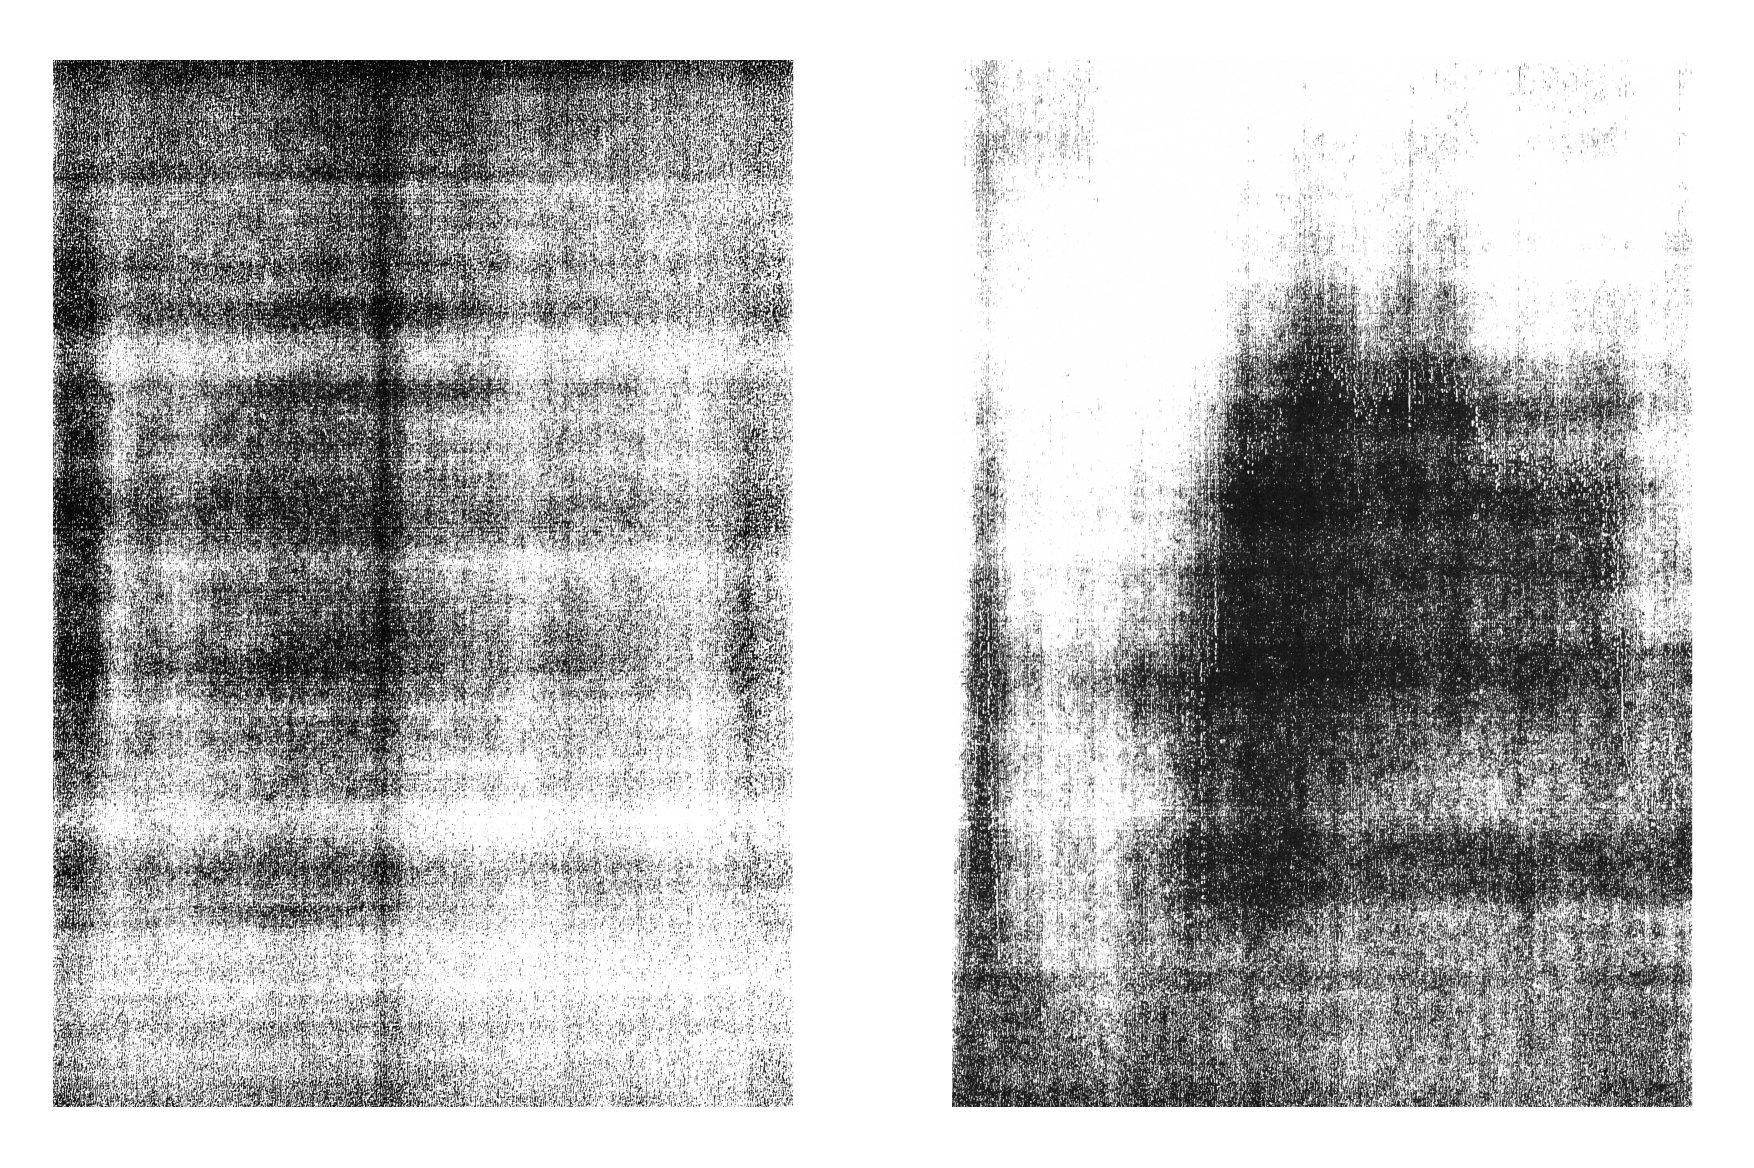 156款复古做旧折痕磨损褶皱纸张背景纹理素材合集 The Grunge Texture Bundle Vol. 1插图(85)